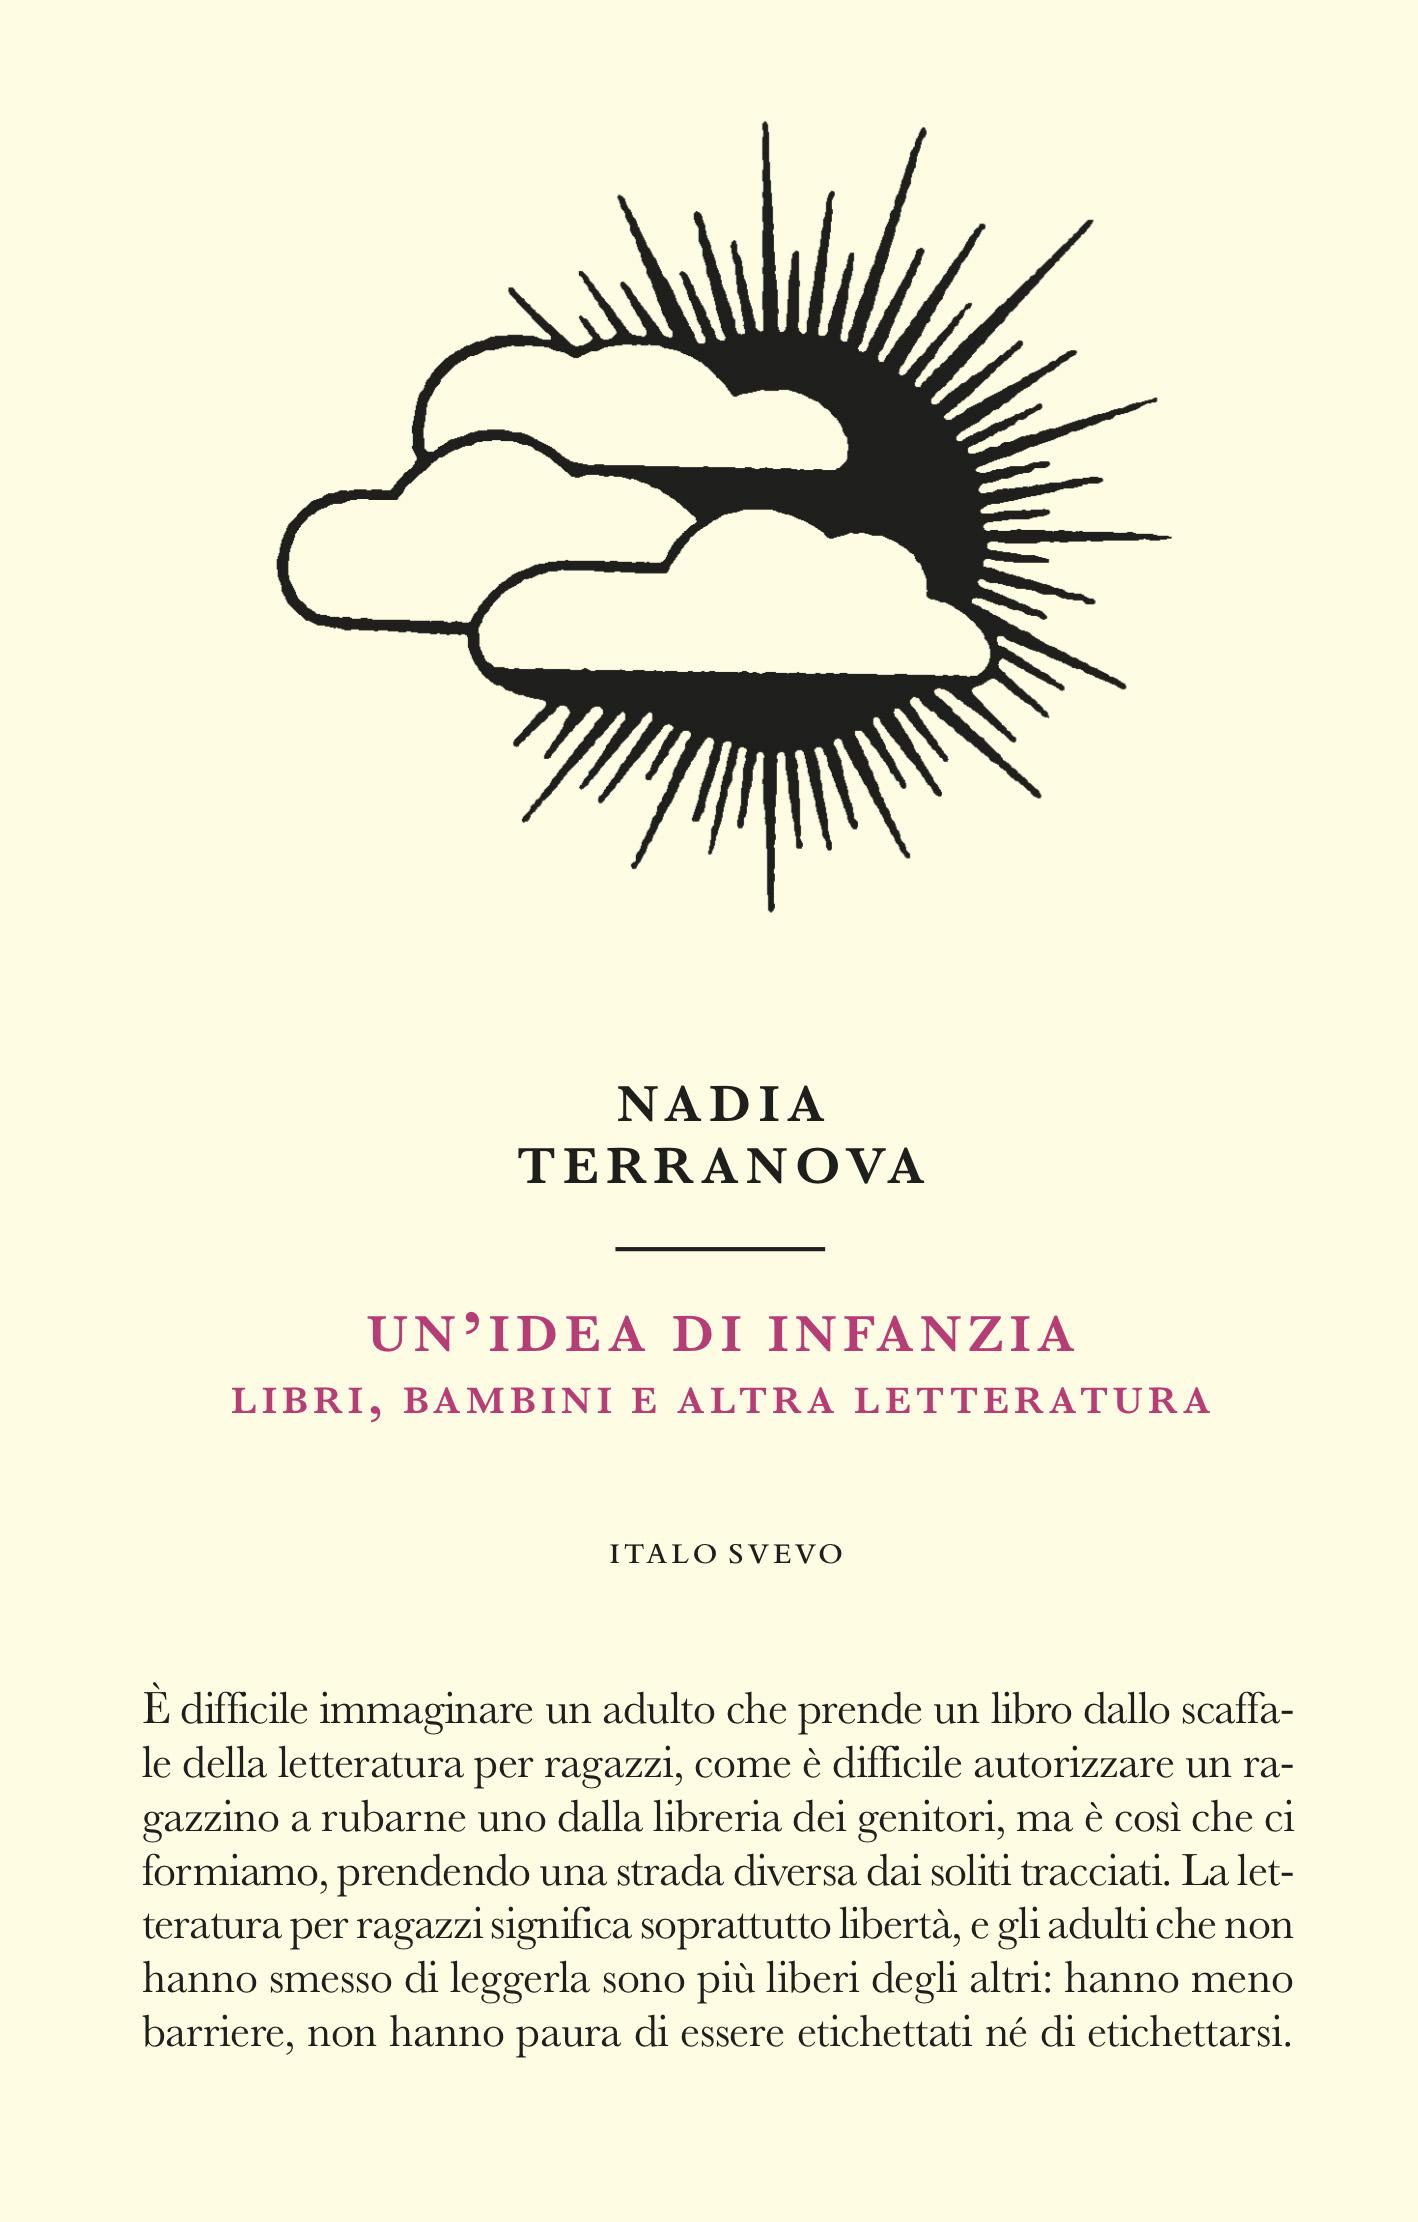 Italo Svevo Edizioni - Un'idea di infanzia - Terranova